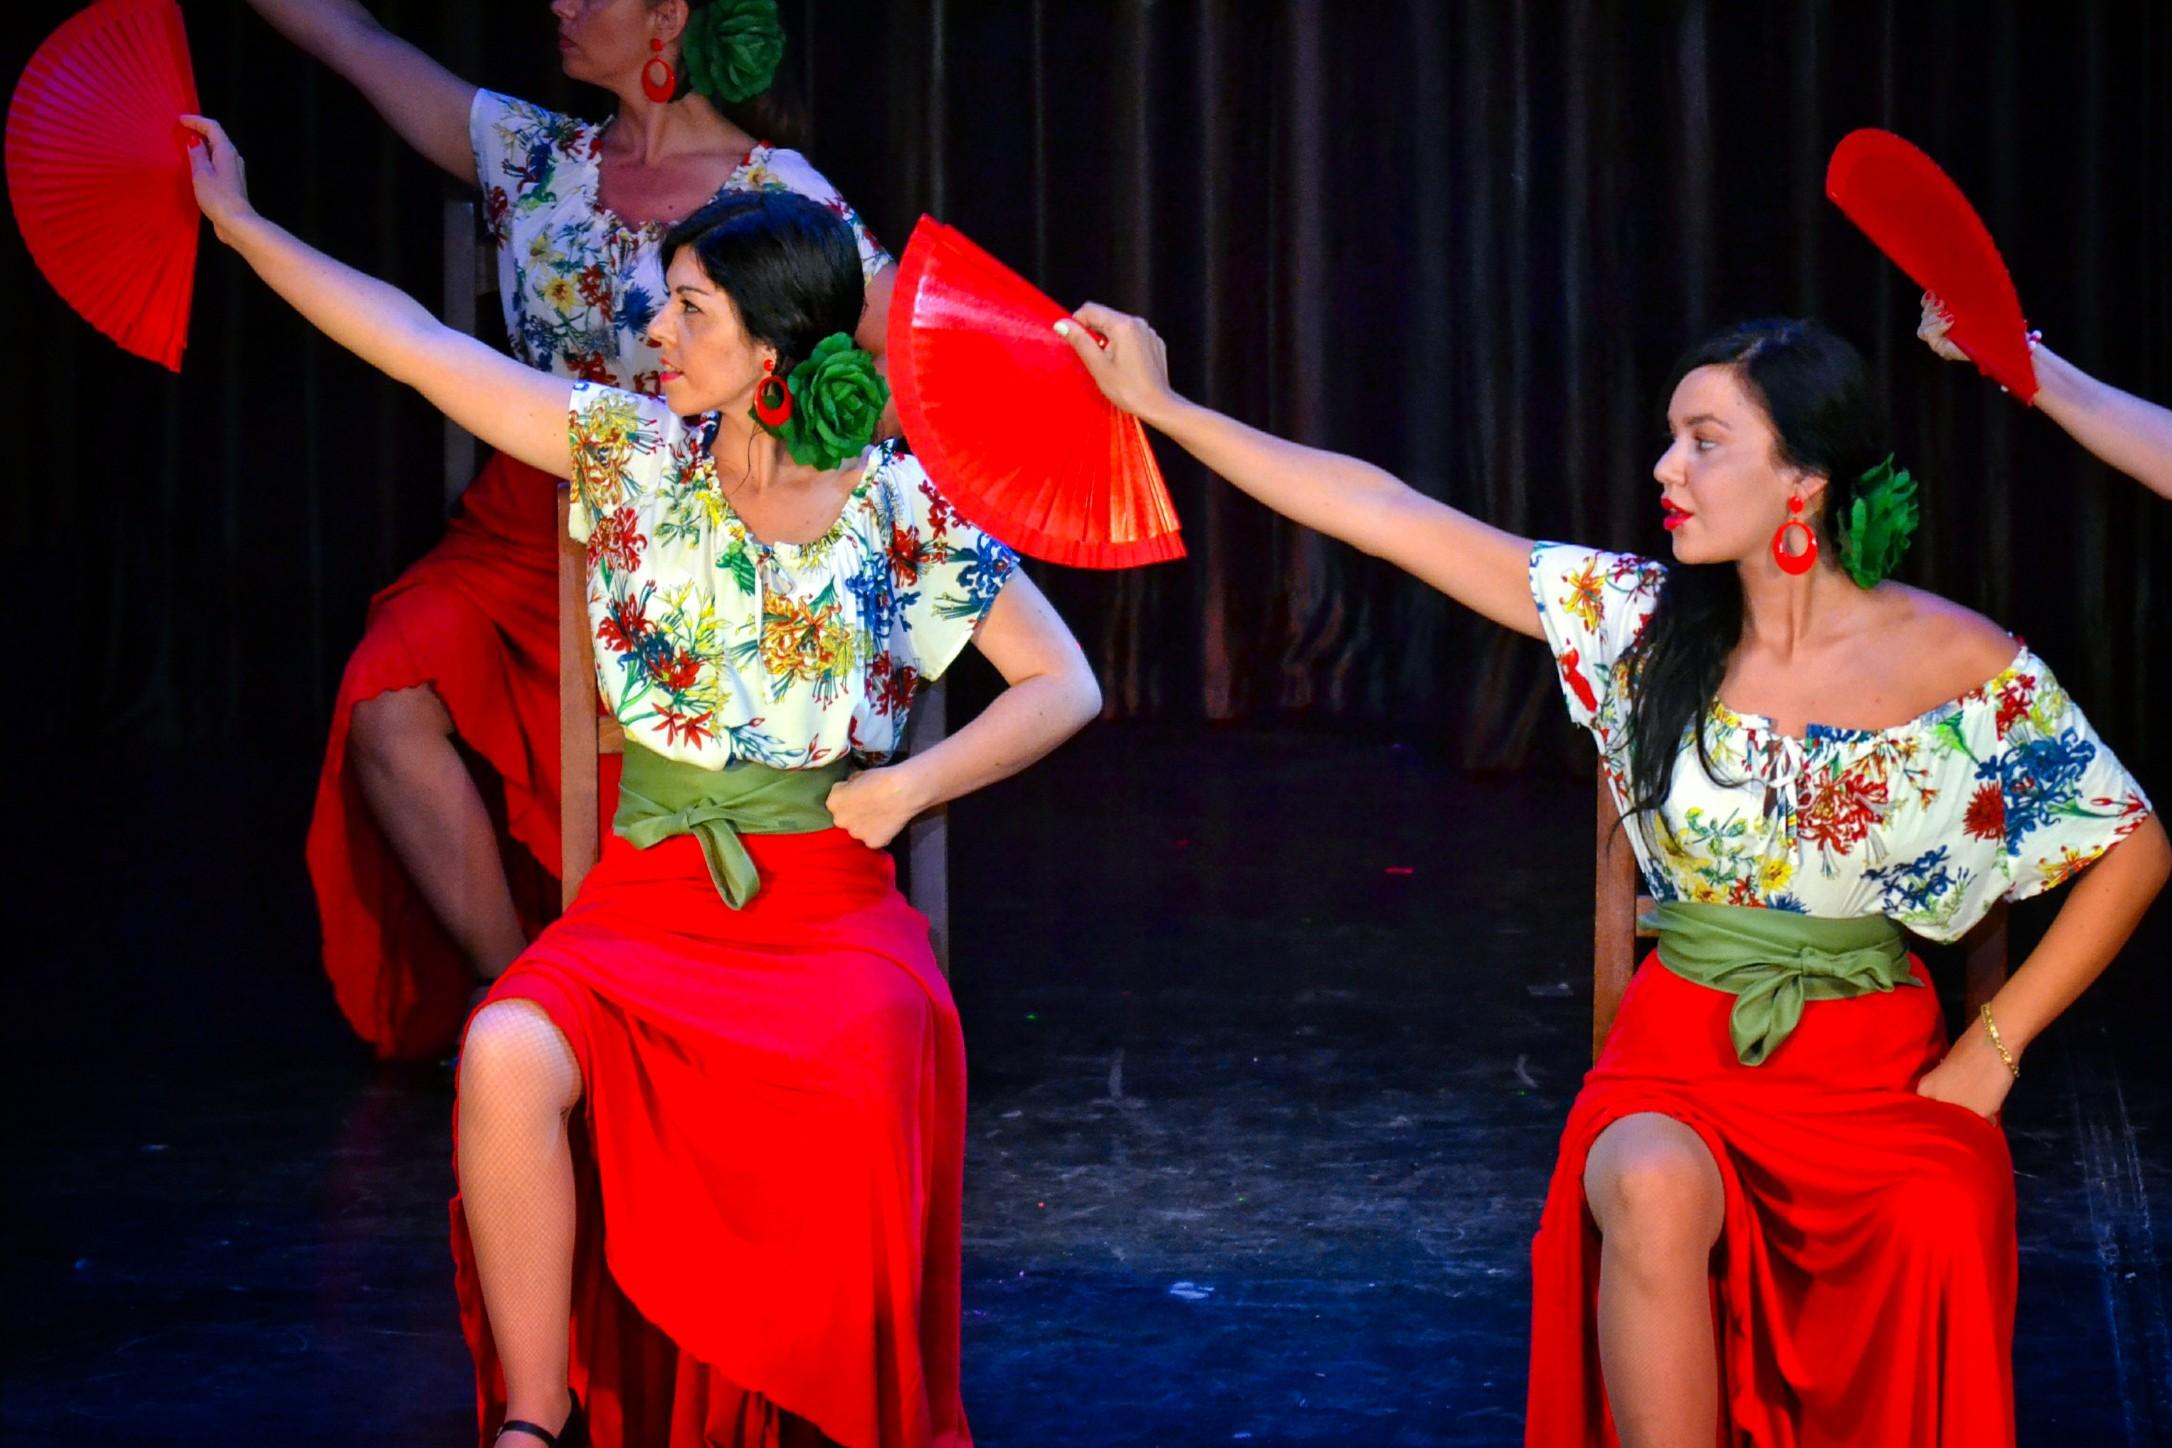 Linea-de-Baile-festival-verano-2015-clases-de-baile-valencia-4